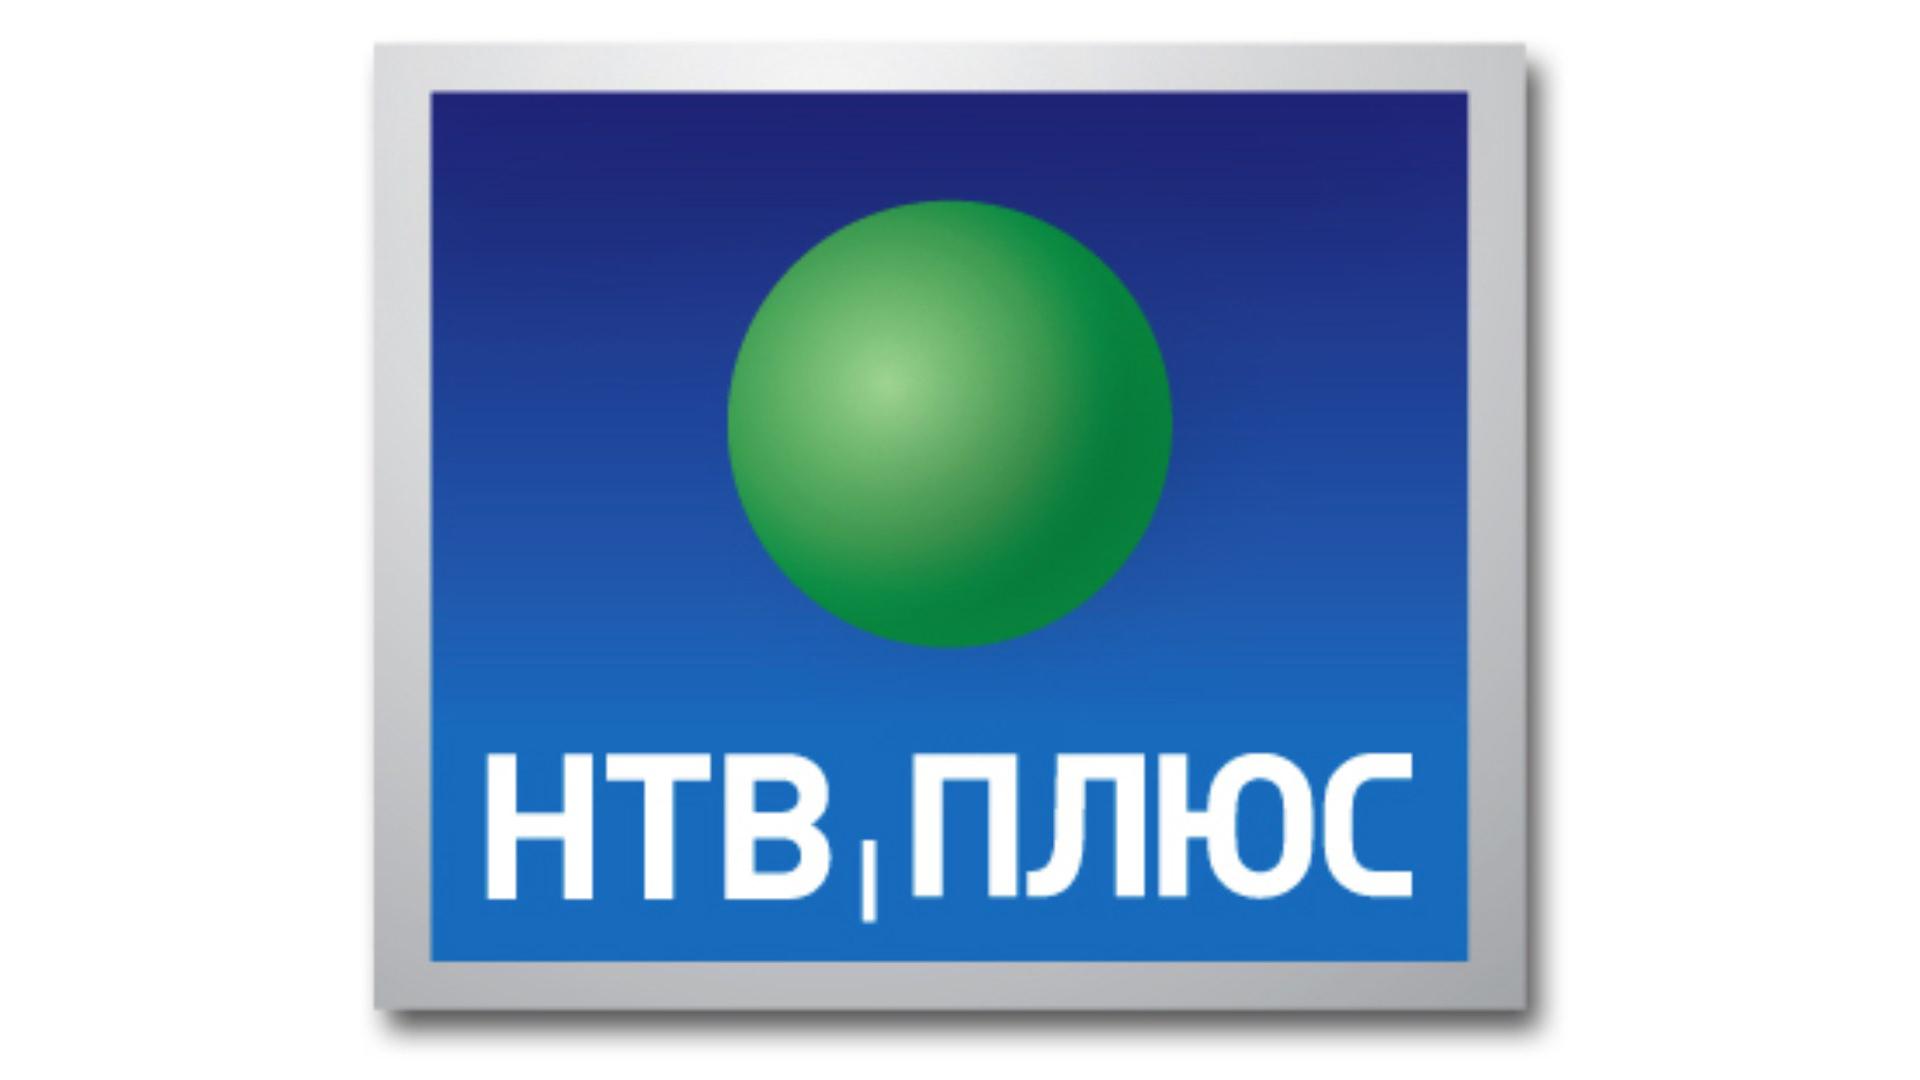 Смотреть спутниковые каналы онлайн бесплатно прямой эфир 12 фотография